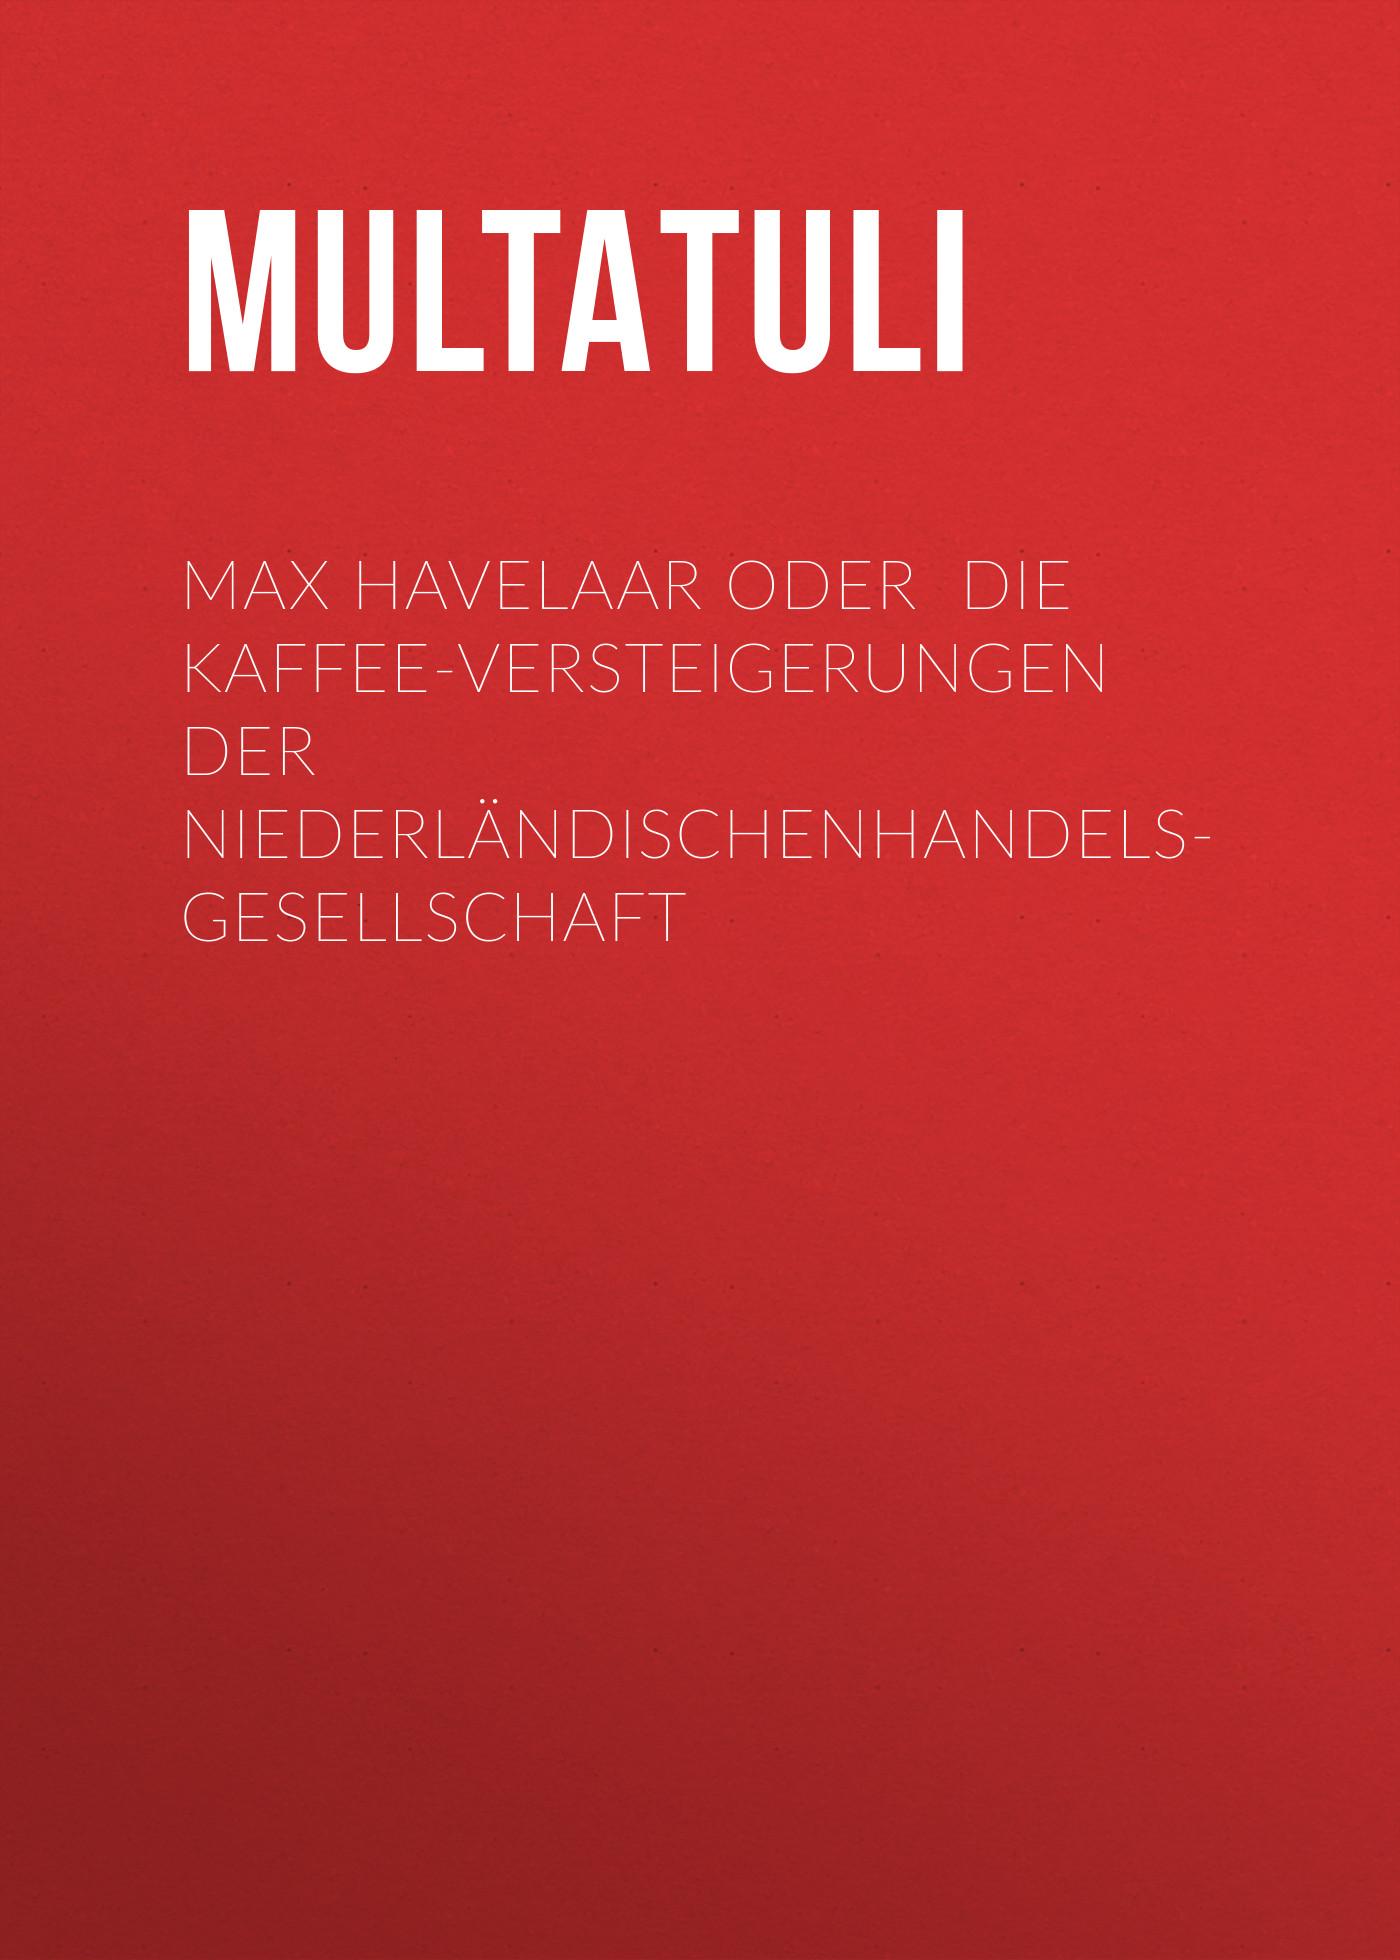 Multatuli Max Havelaar oder Die Kaffee-Versteigerungen der NiederländischenHandels-Gesellschaft s a schwarzkopf der kaffee